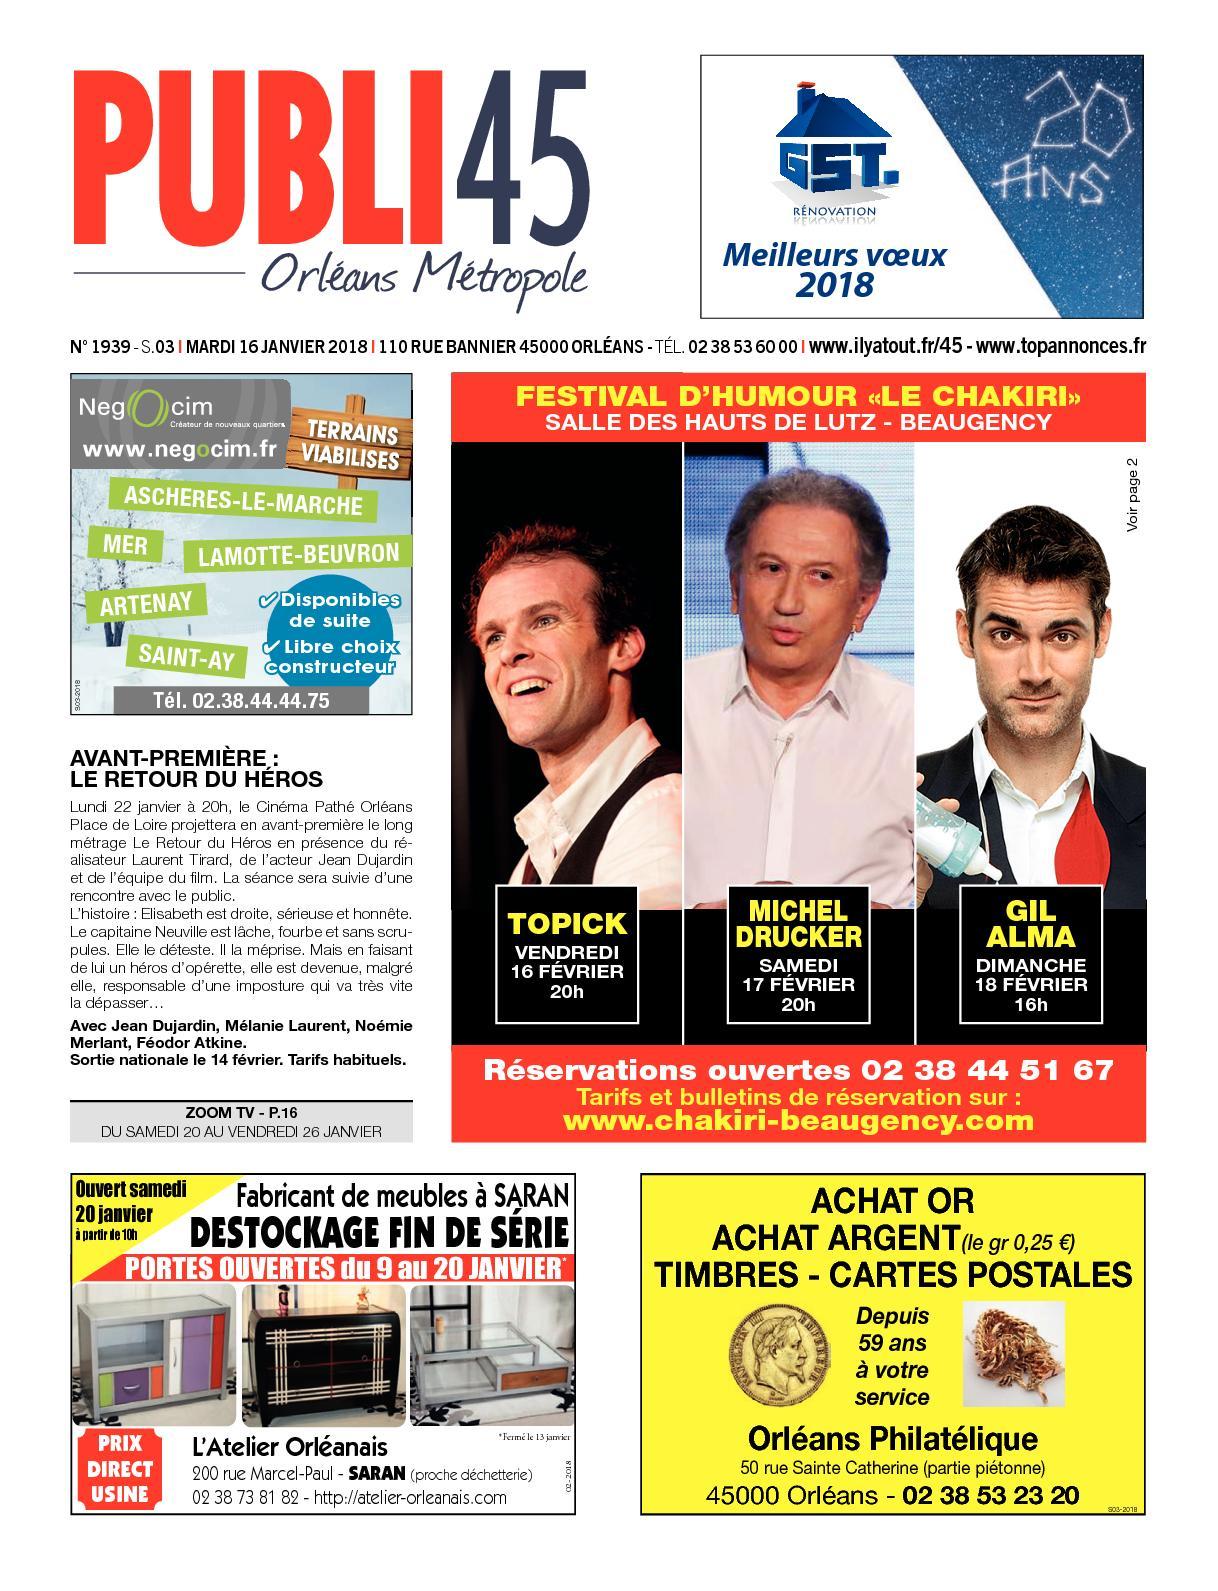 Envia Cuisine Fleury Les Aubrais calaméo - publi 45 s032018